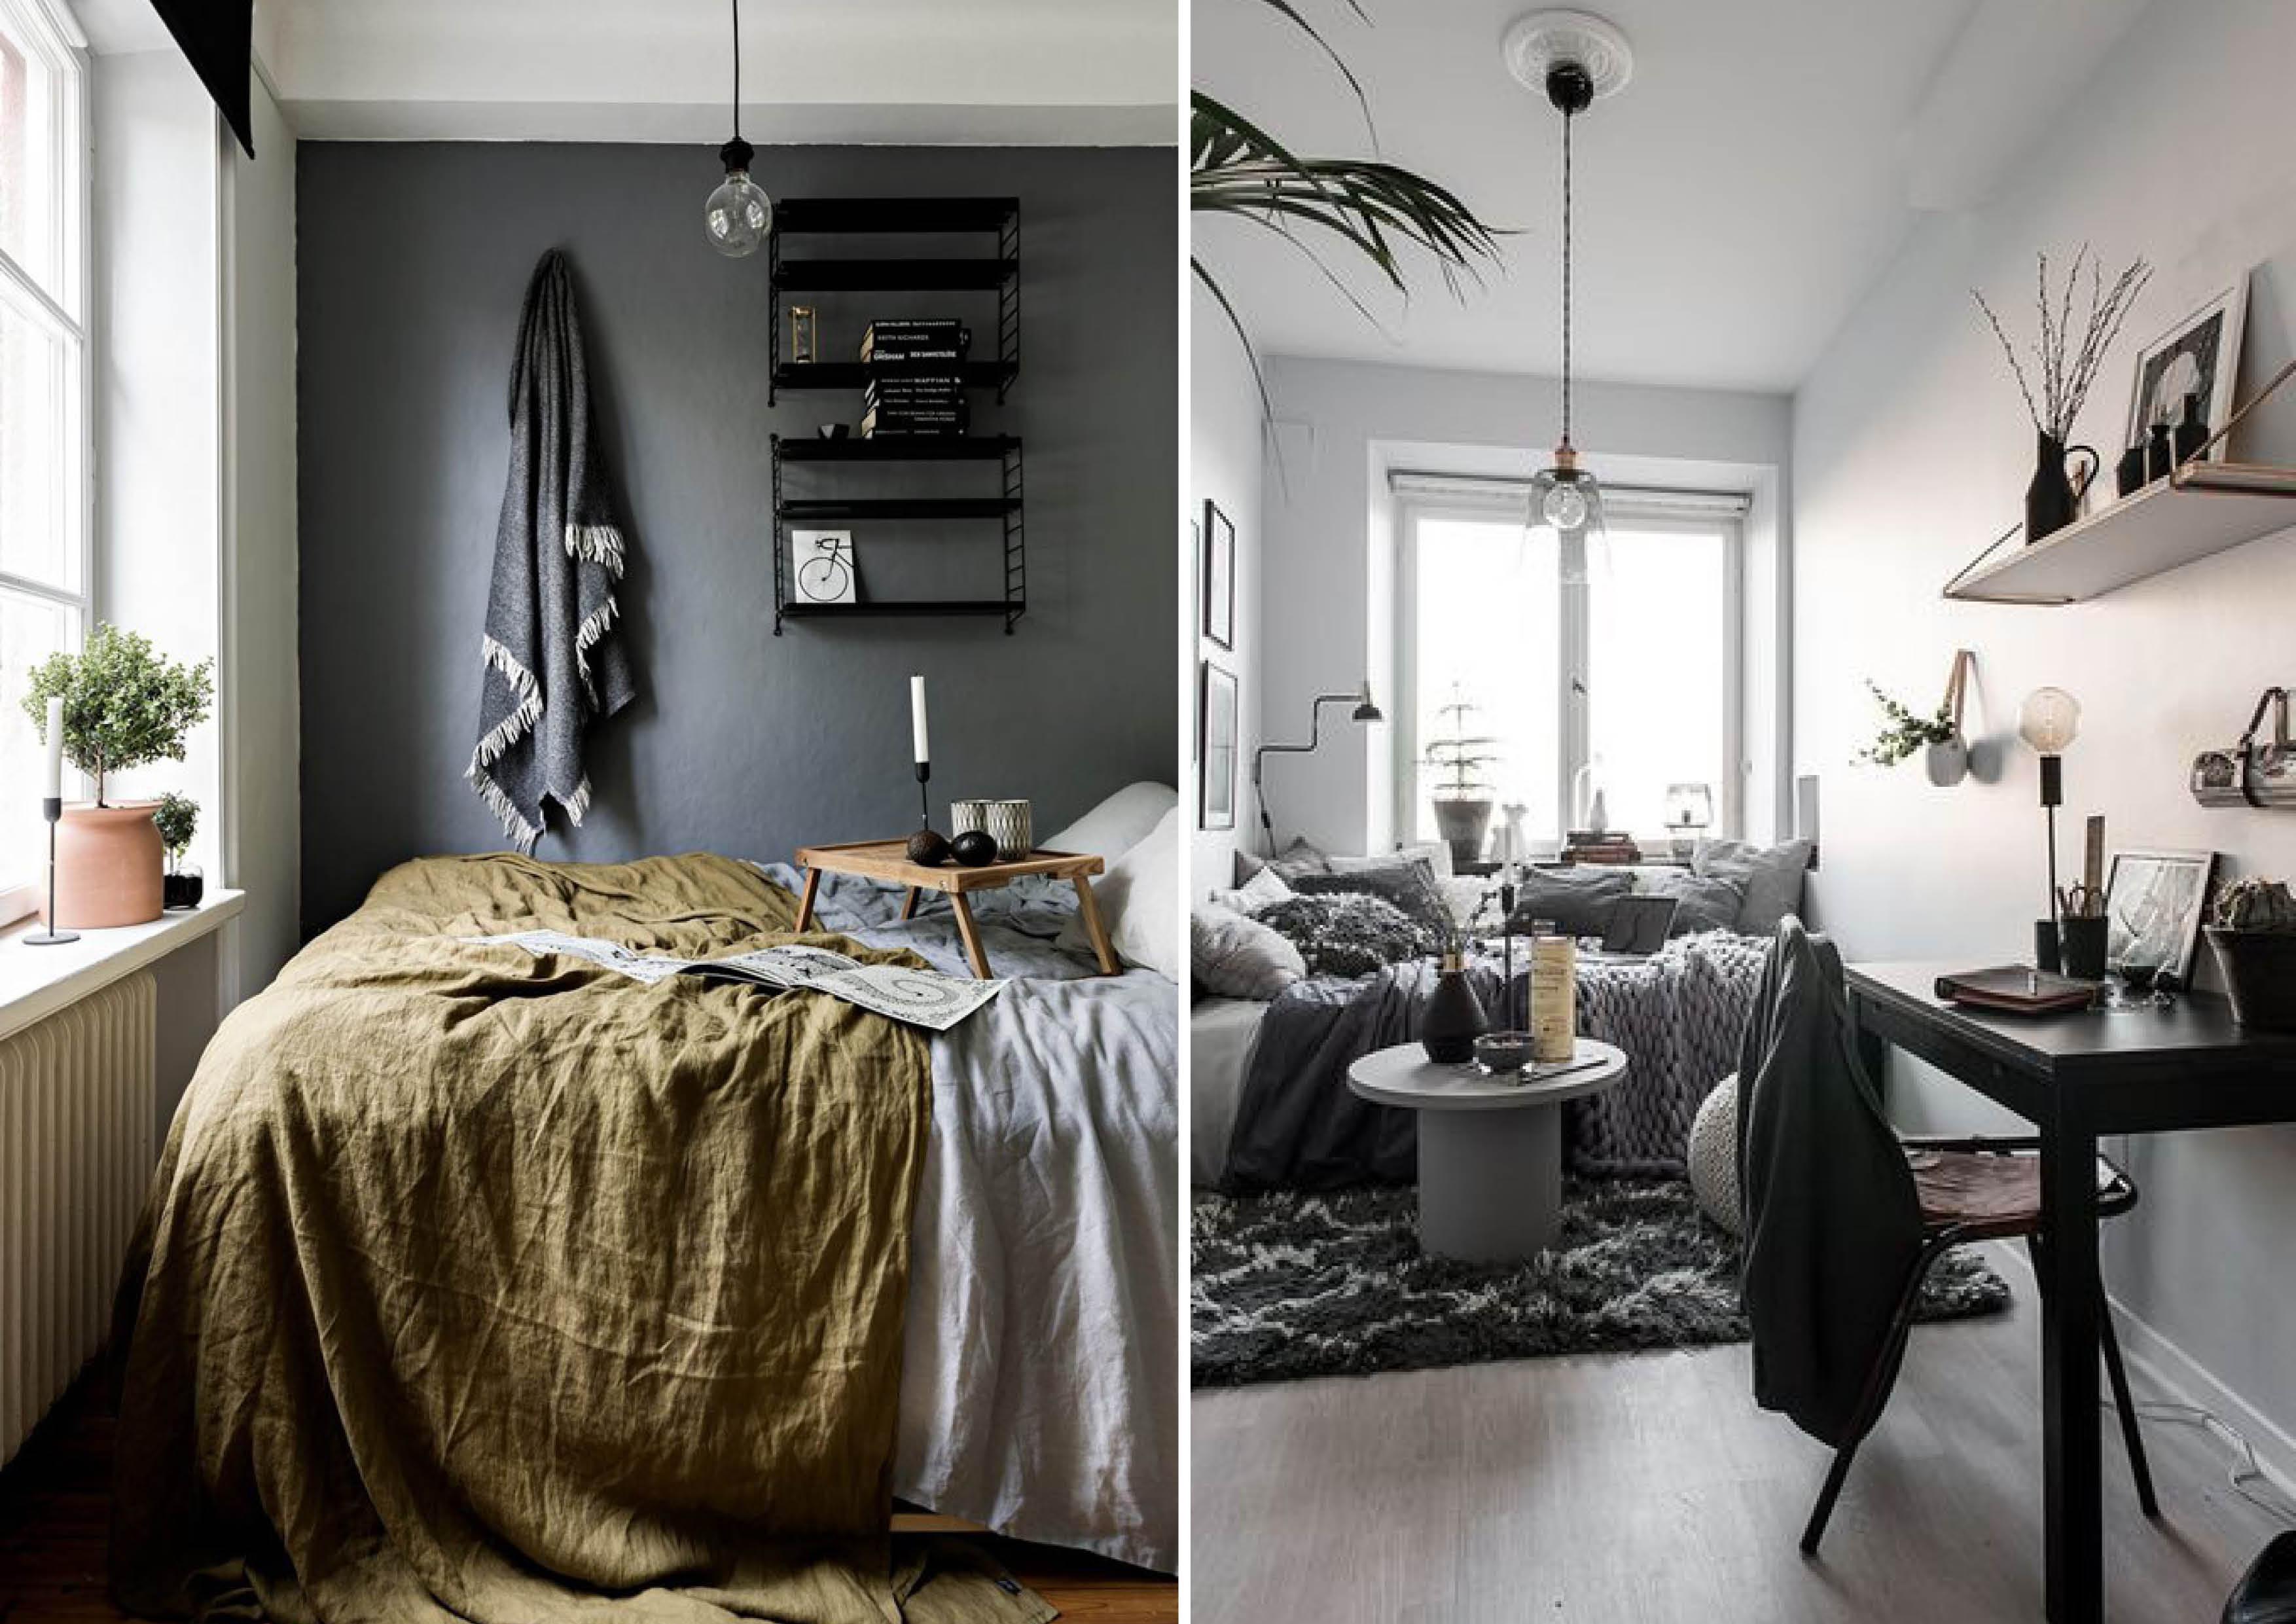 10 Wohnideen Für Enge Räume